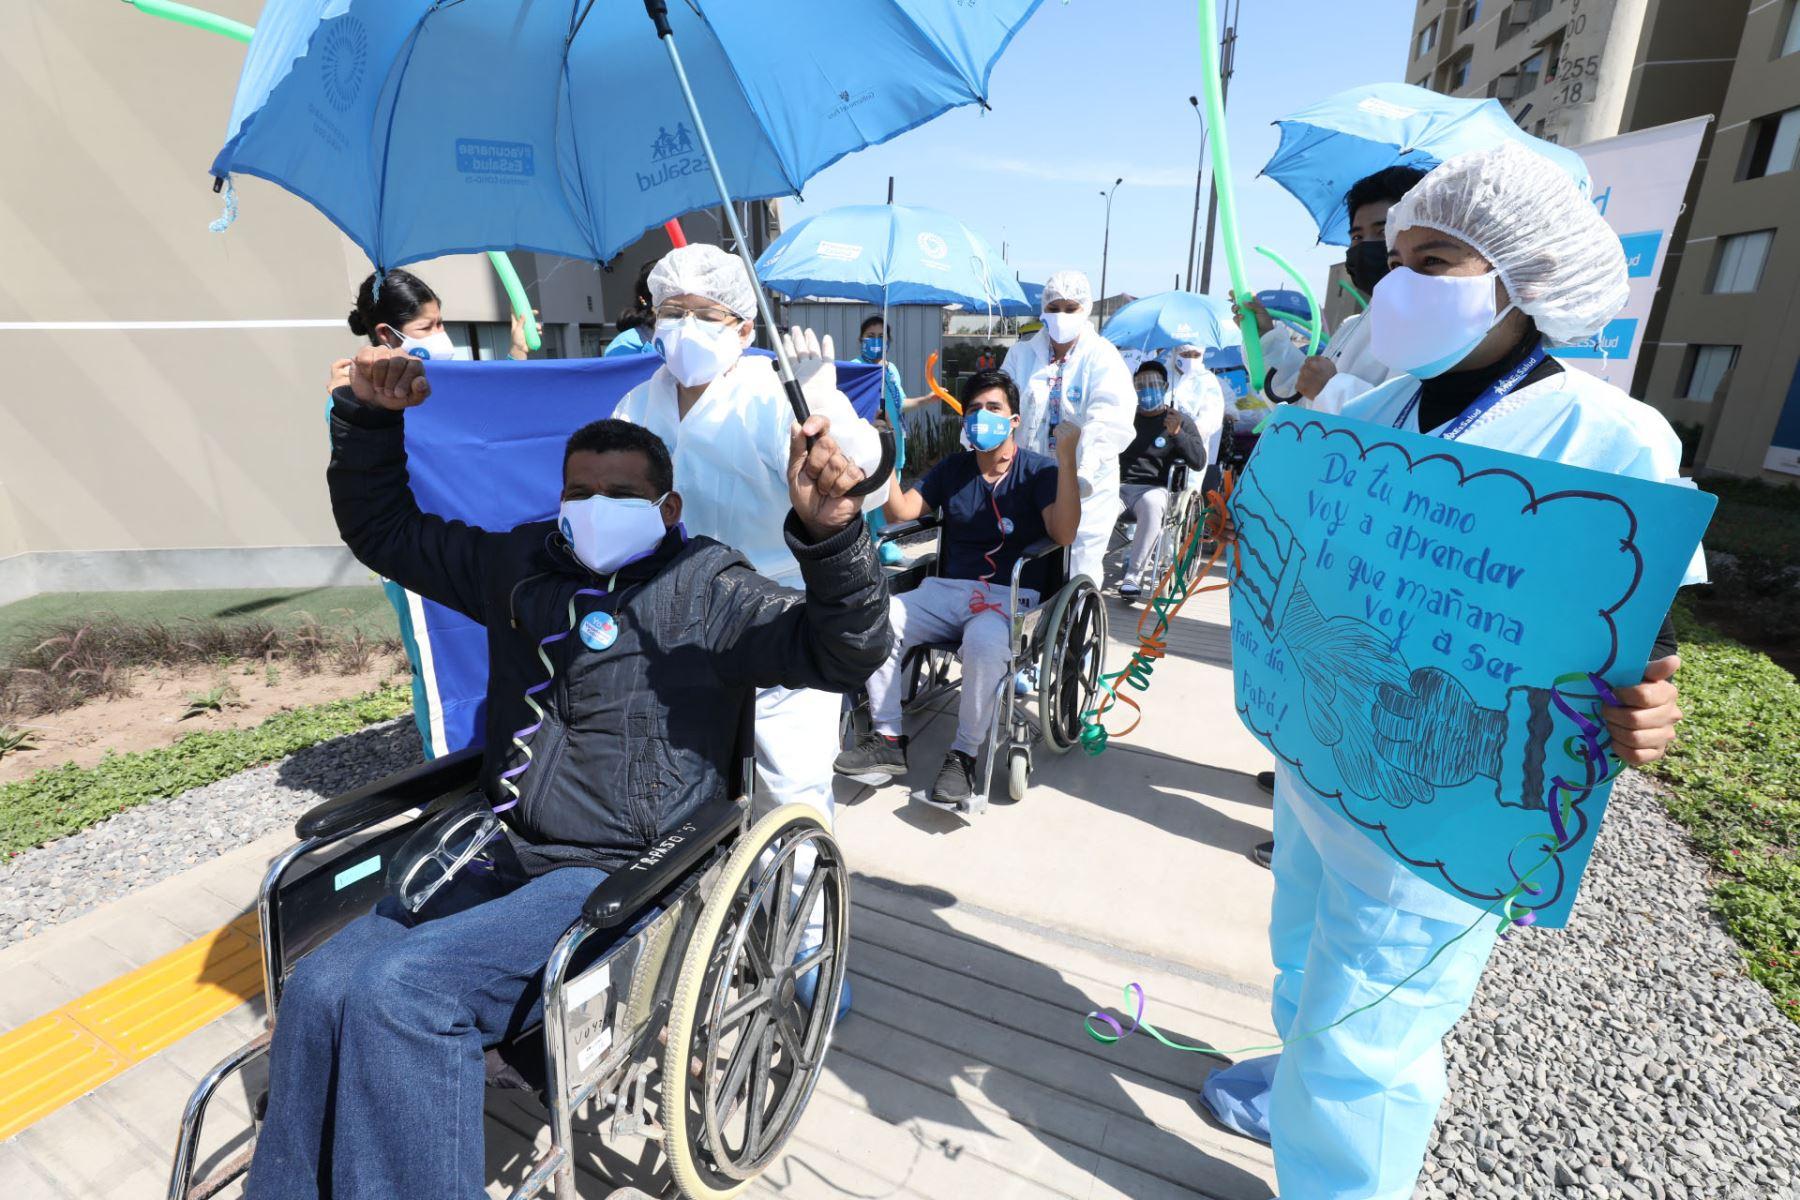 Hasta hoy, 2 millones 27,878 personas han superado la enfermedad, tras cumplir un período de aislamiento domiciliario o recibir el alta médica en un establecimiento de salud. ANDINA/ Minsa